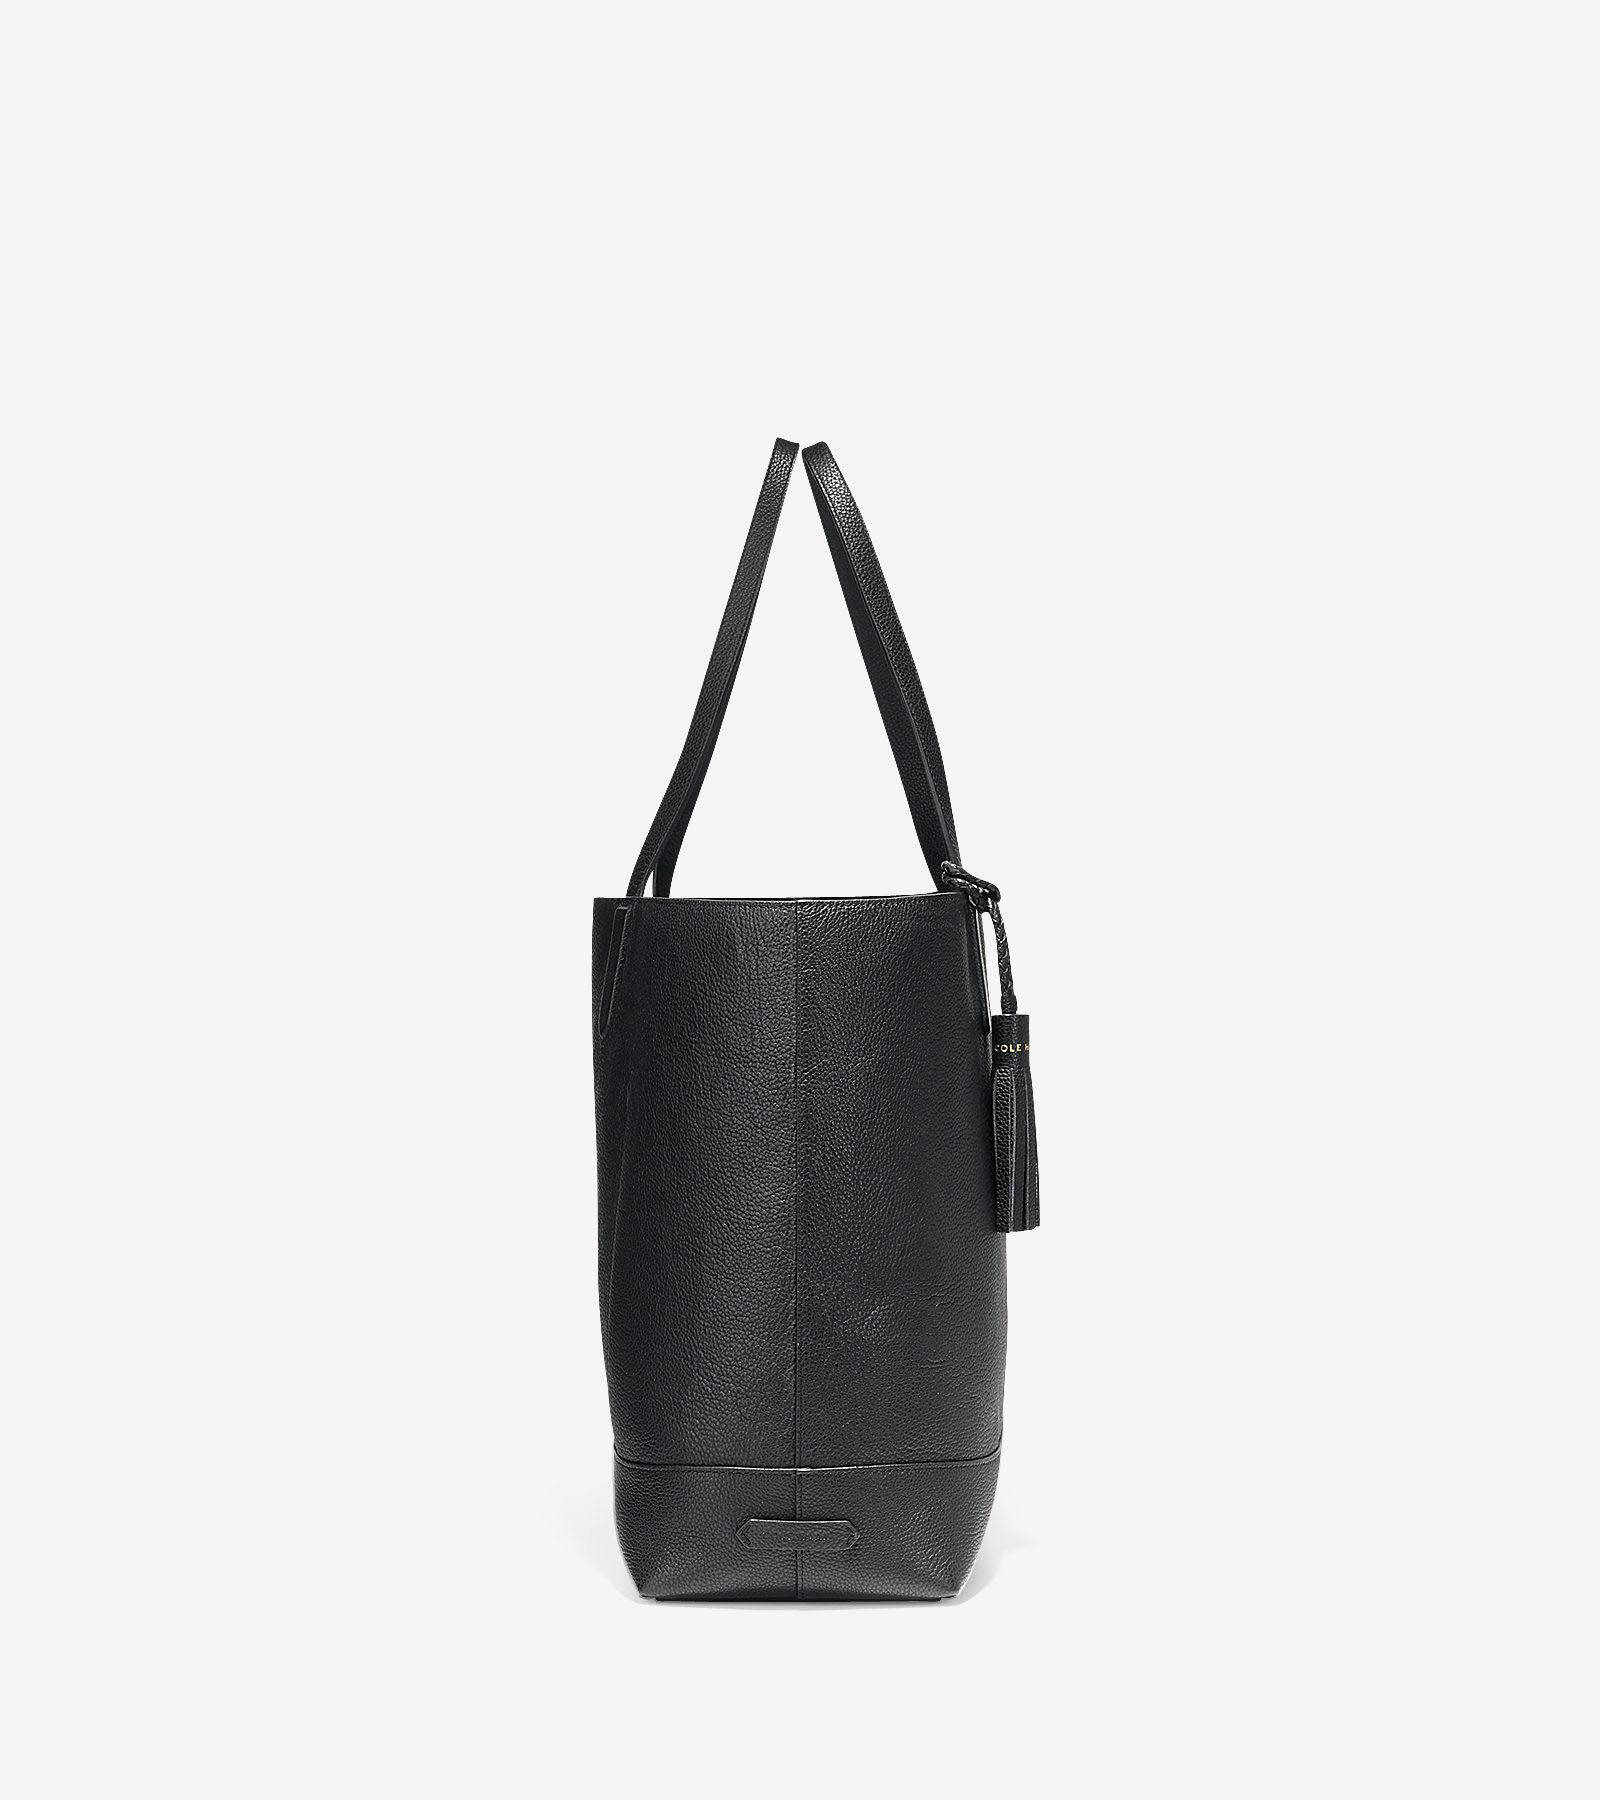 Tote Bag - The Three Zs by VIDA VIDA pIb3fTf